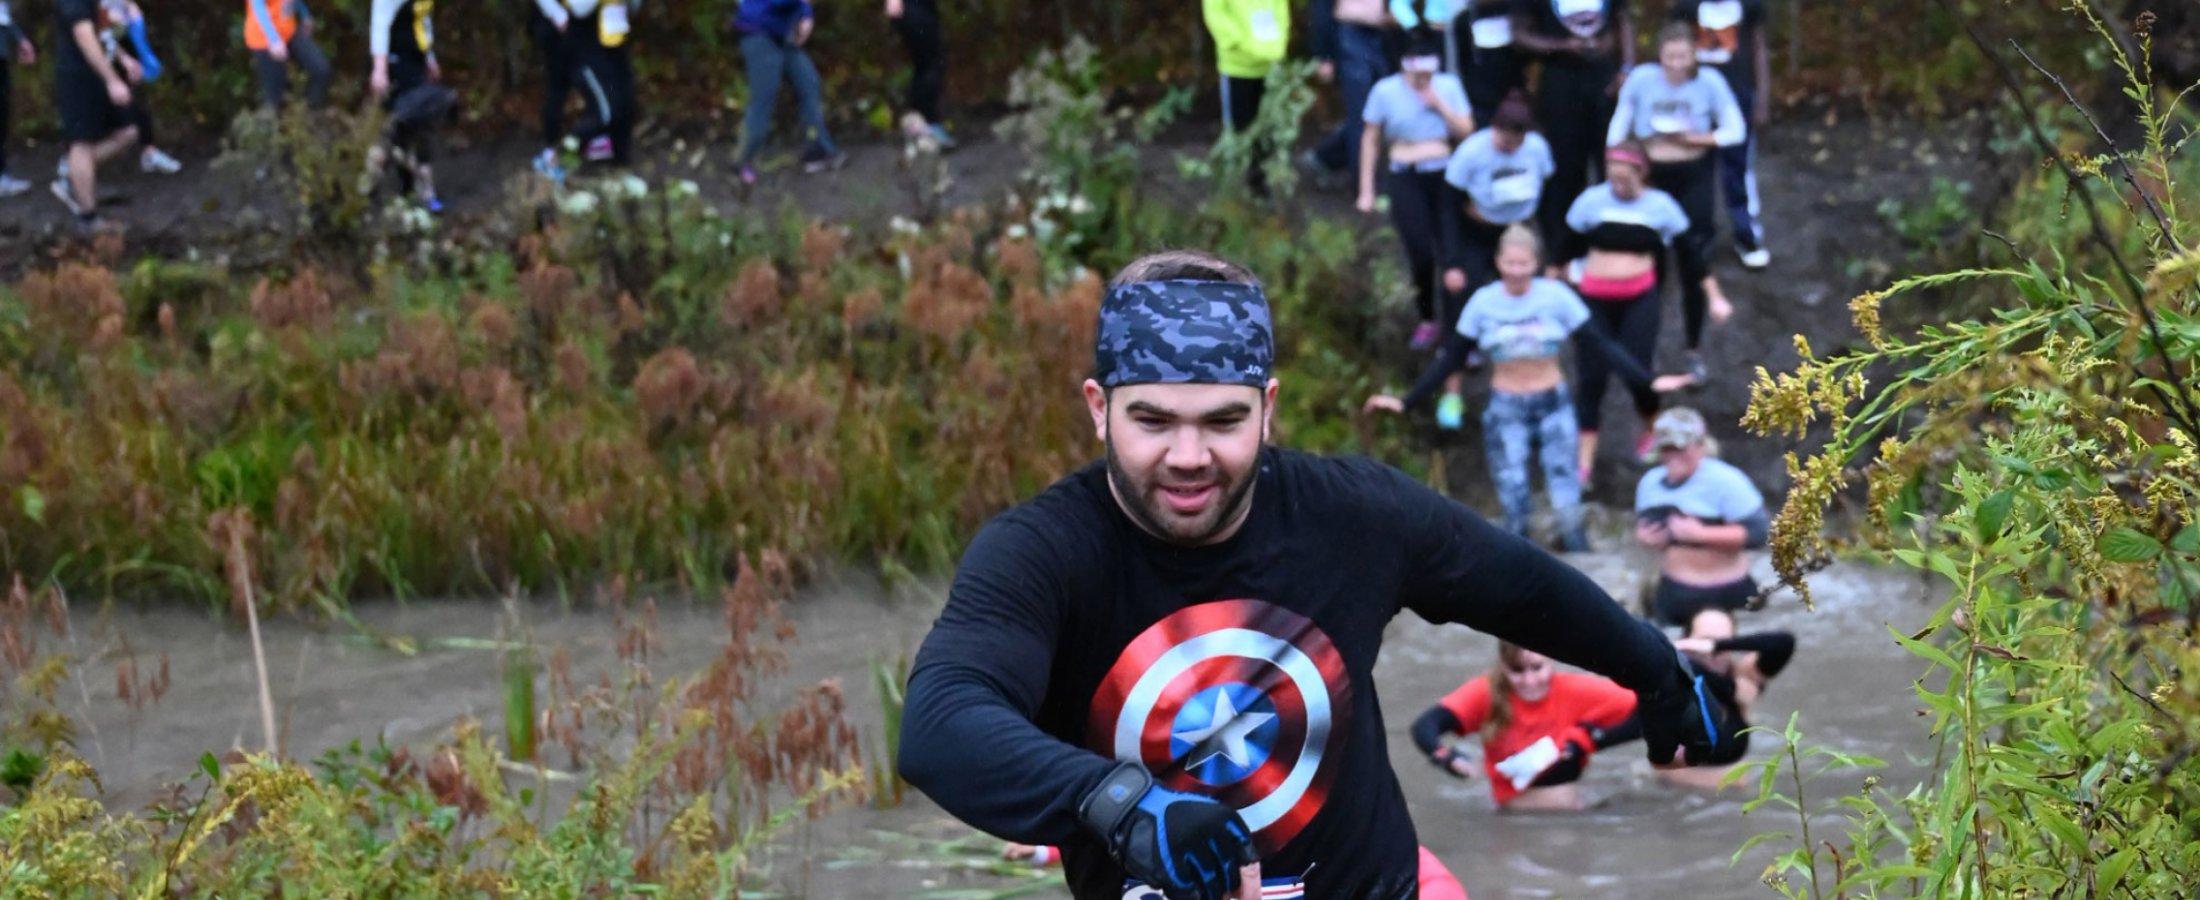 participates from mud run event